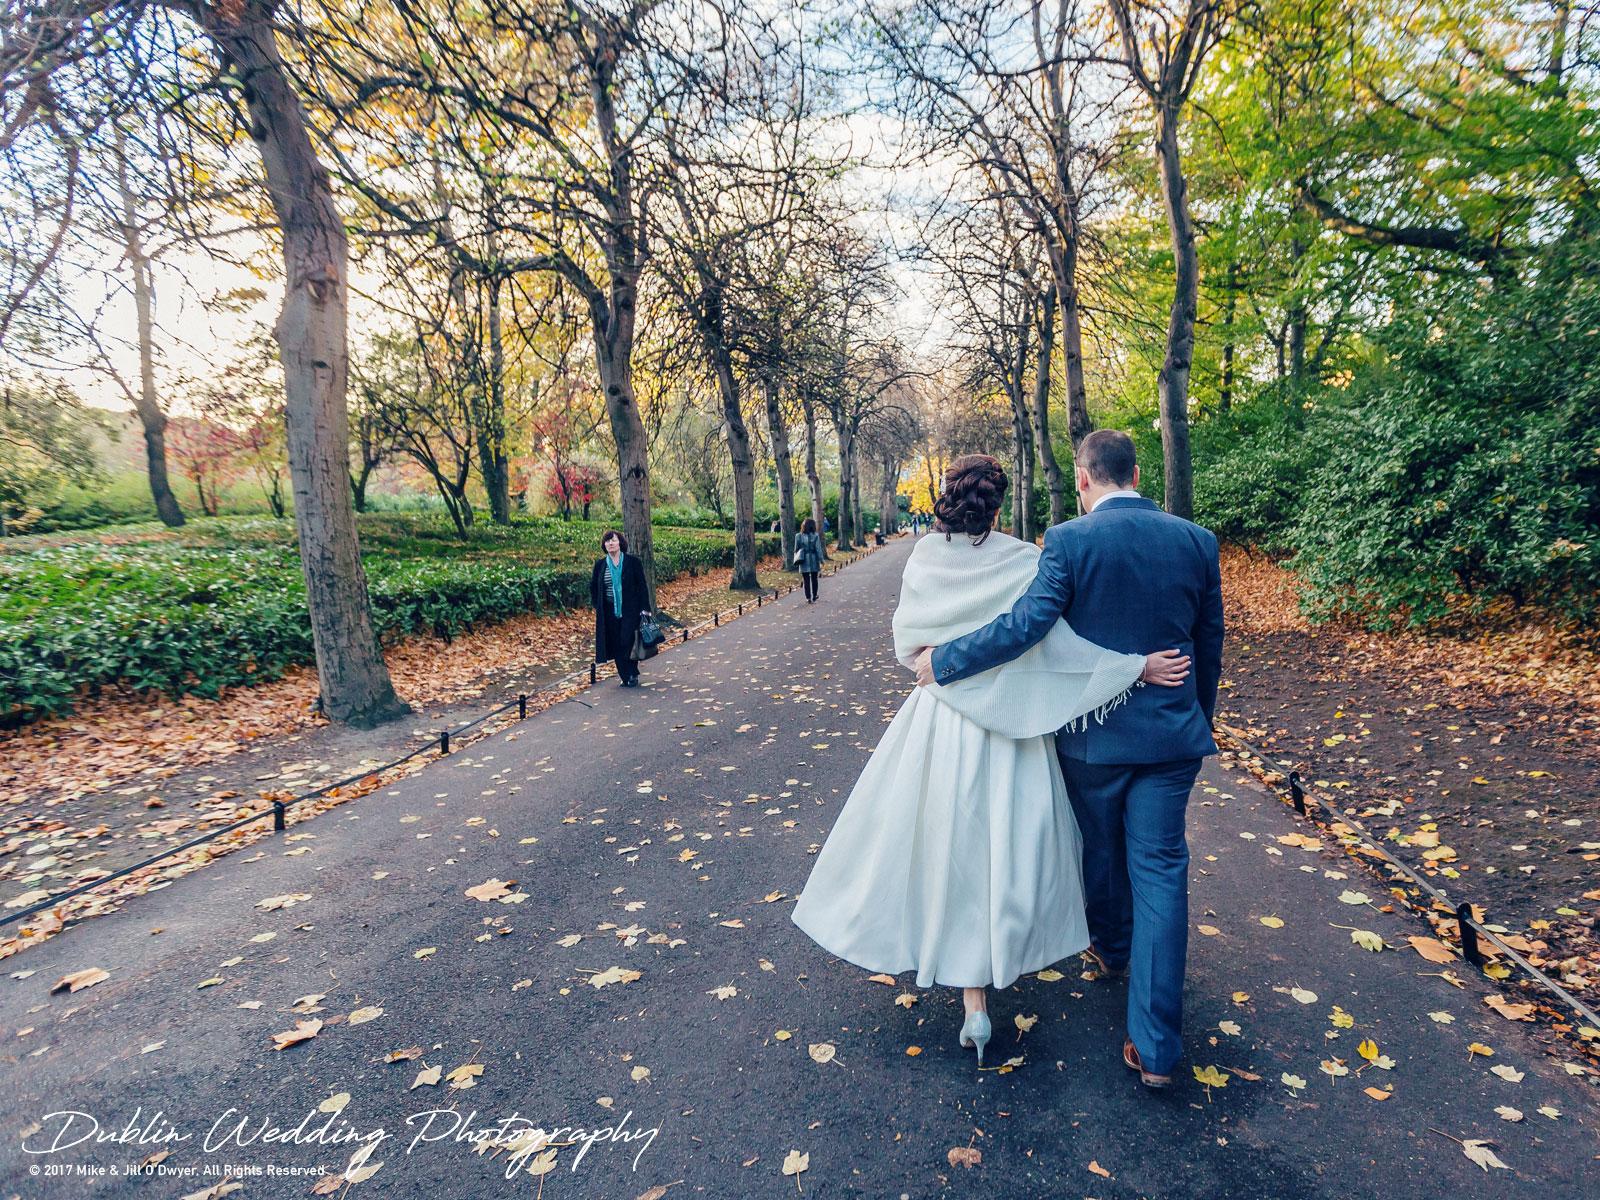 Dublin Wedding Photographer City Streets 034